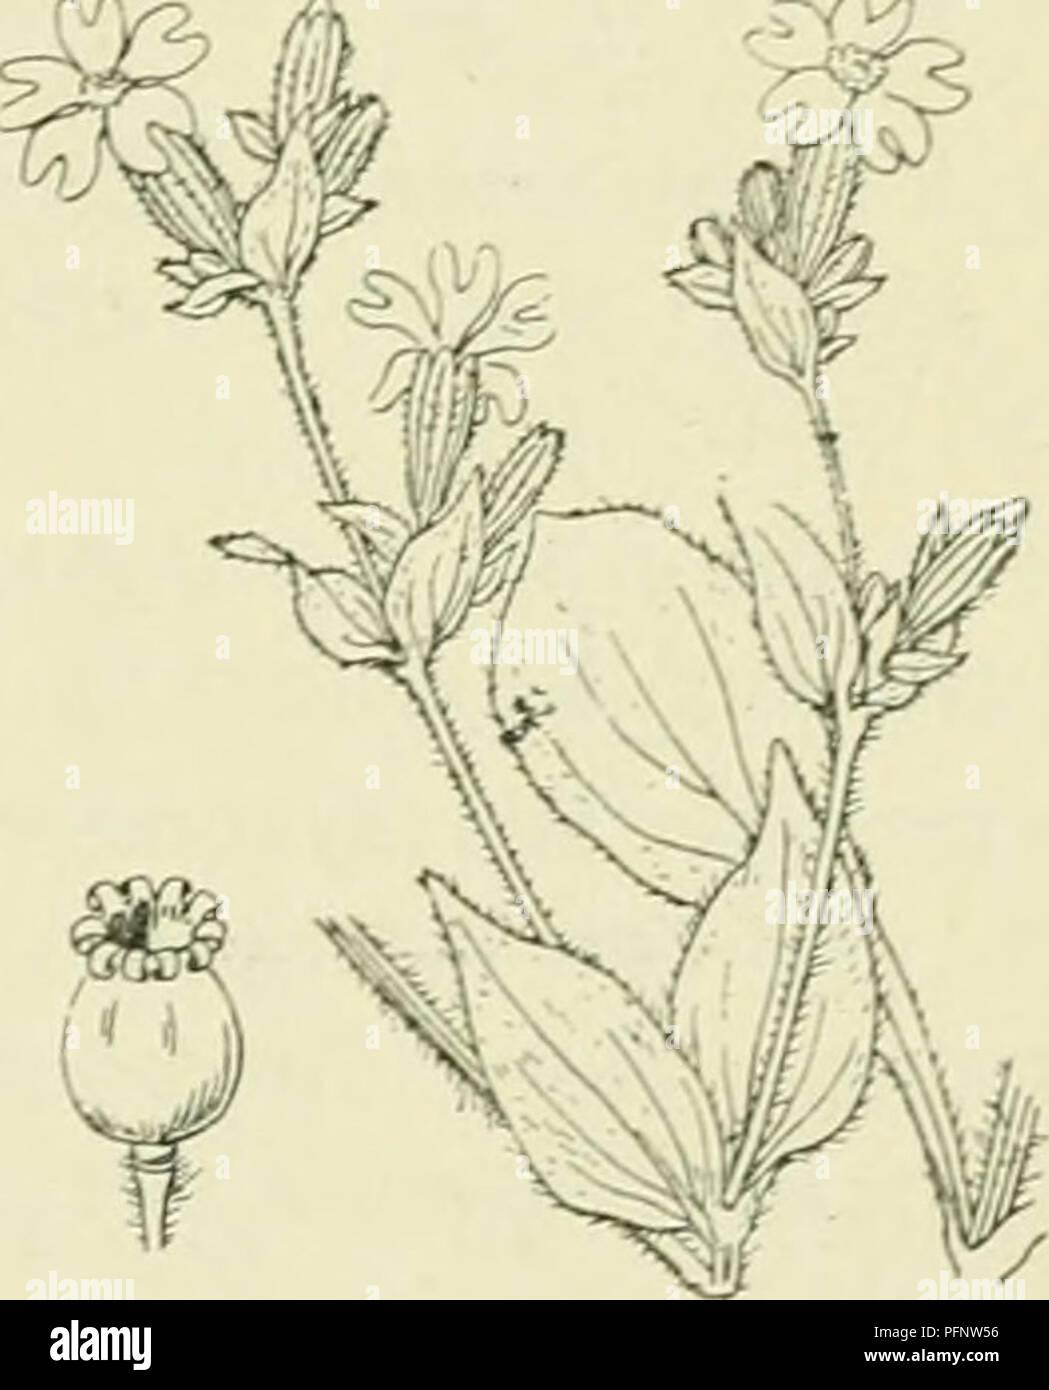 . De flora van Nederland. Plants. FAMILIE 32. CARYOPHYLLACEAE. — 171 Zoowel op deze soort als op M. rubniiii veroorzaakt een zwam , Ustilago antheranun Fr. merkwaardij);e vervormingen in de bloem. In de manne- lijke bloemen is de vervorminjf der lieimknopjes slechts j^ering, doch zij zijn in plaats van met stuifmeel met paarse sporen gevuld, doch in de vrouwelijke bloemen ontwikkelt zich de stamper minder goed (de stijlen en het bovenste deel van het vruchtbeginsel zijn slecht ontwikkeld), doch de meeldraden ontwikkelen zich sterker dan gewoonlijk, maar de helm- knopjes zijn weer met sporen ge Stock Photo